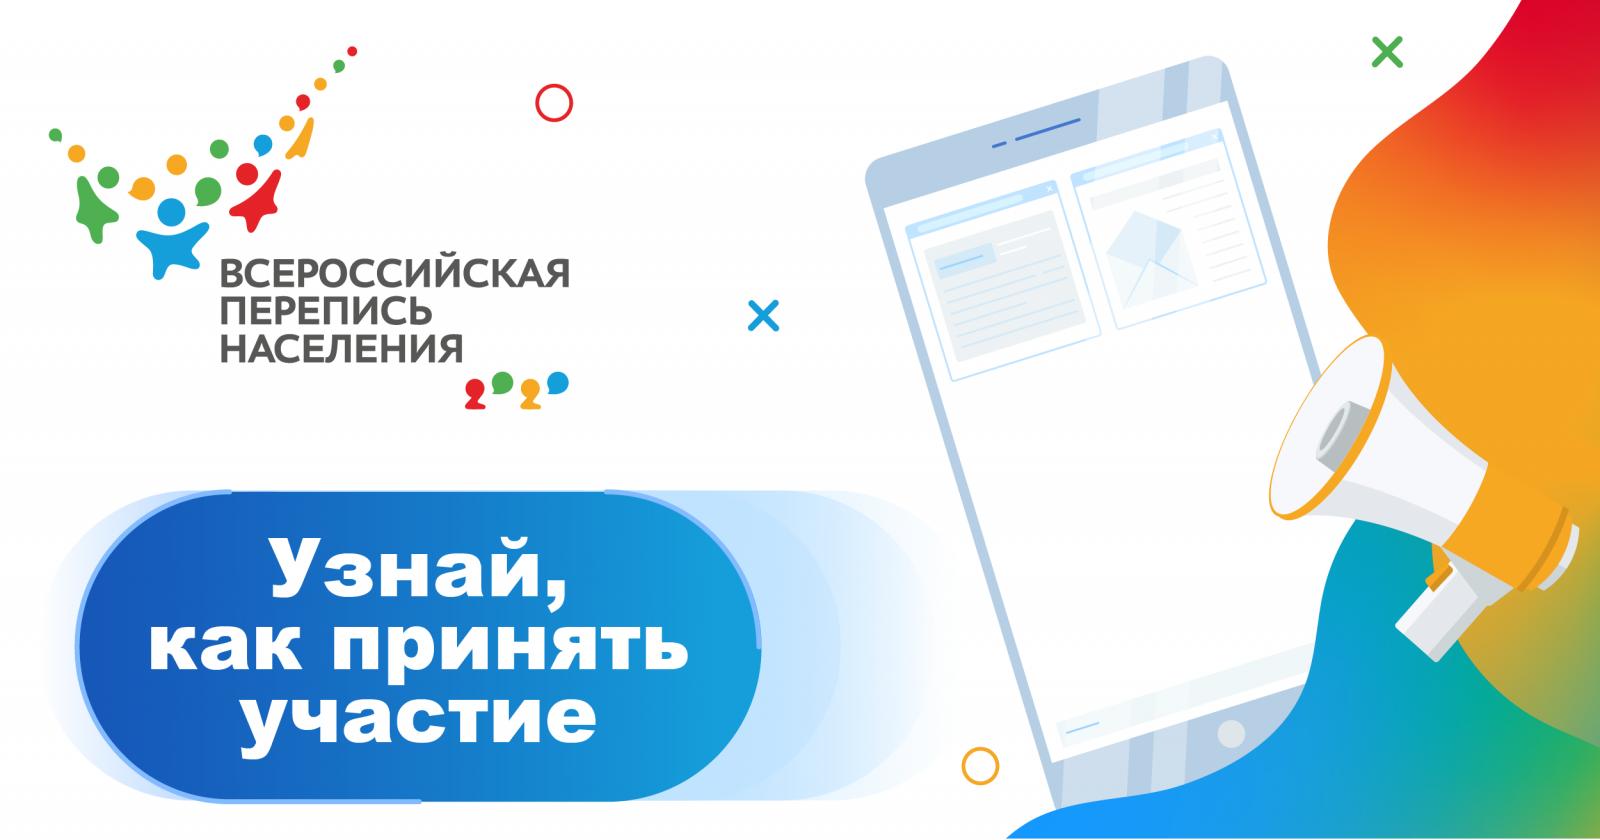 С 15 октября по 14 ноября проводится Всероссийская перепись населения